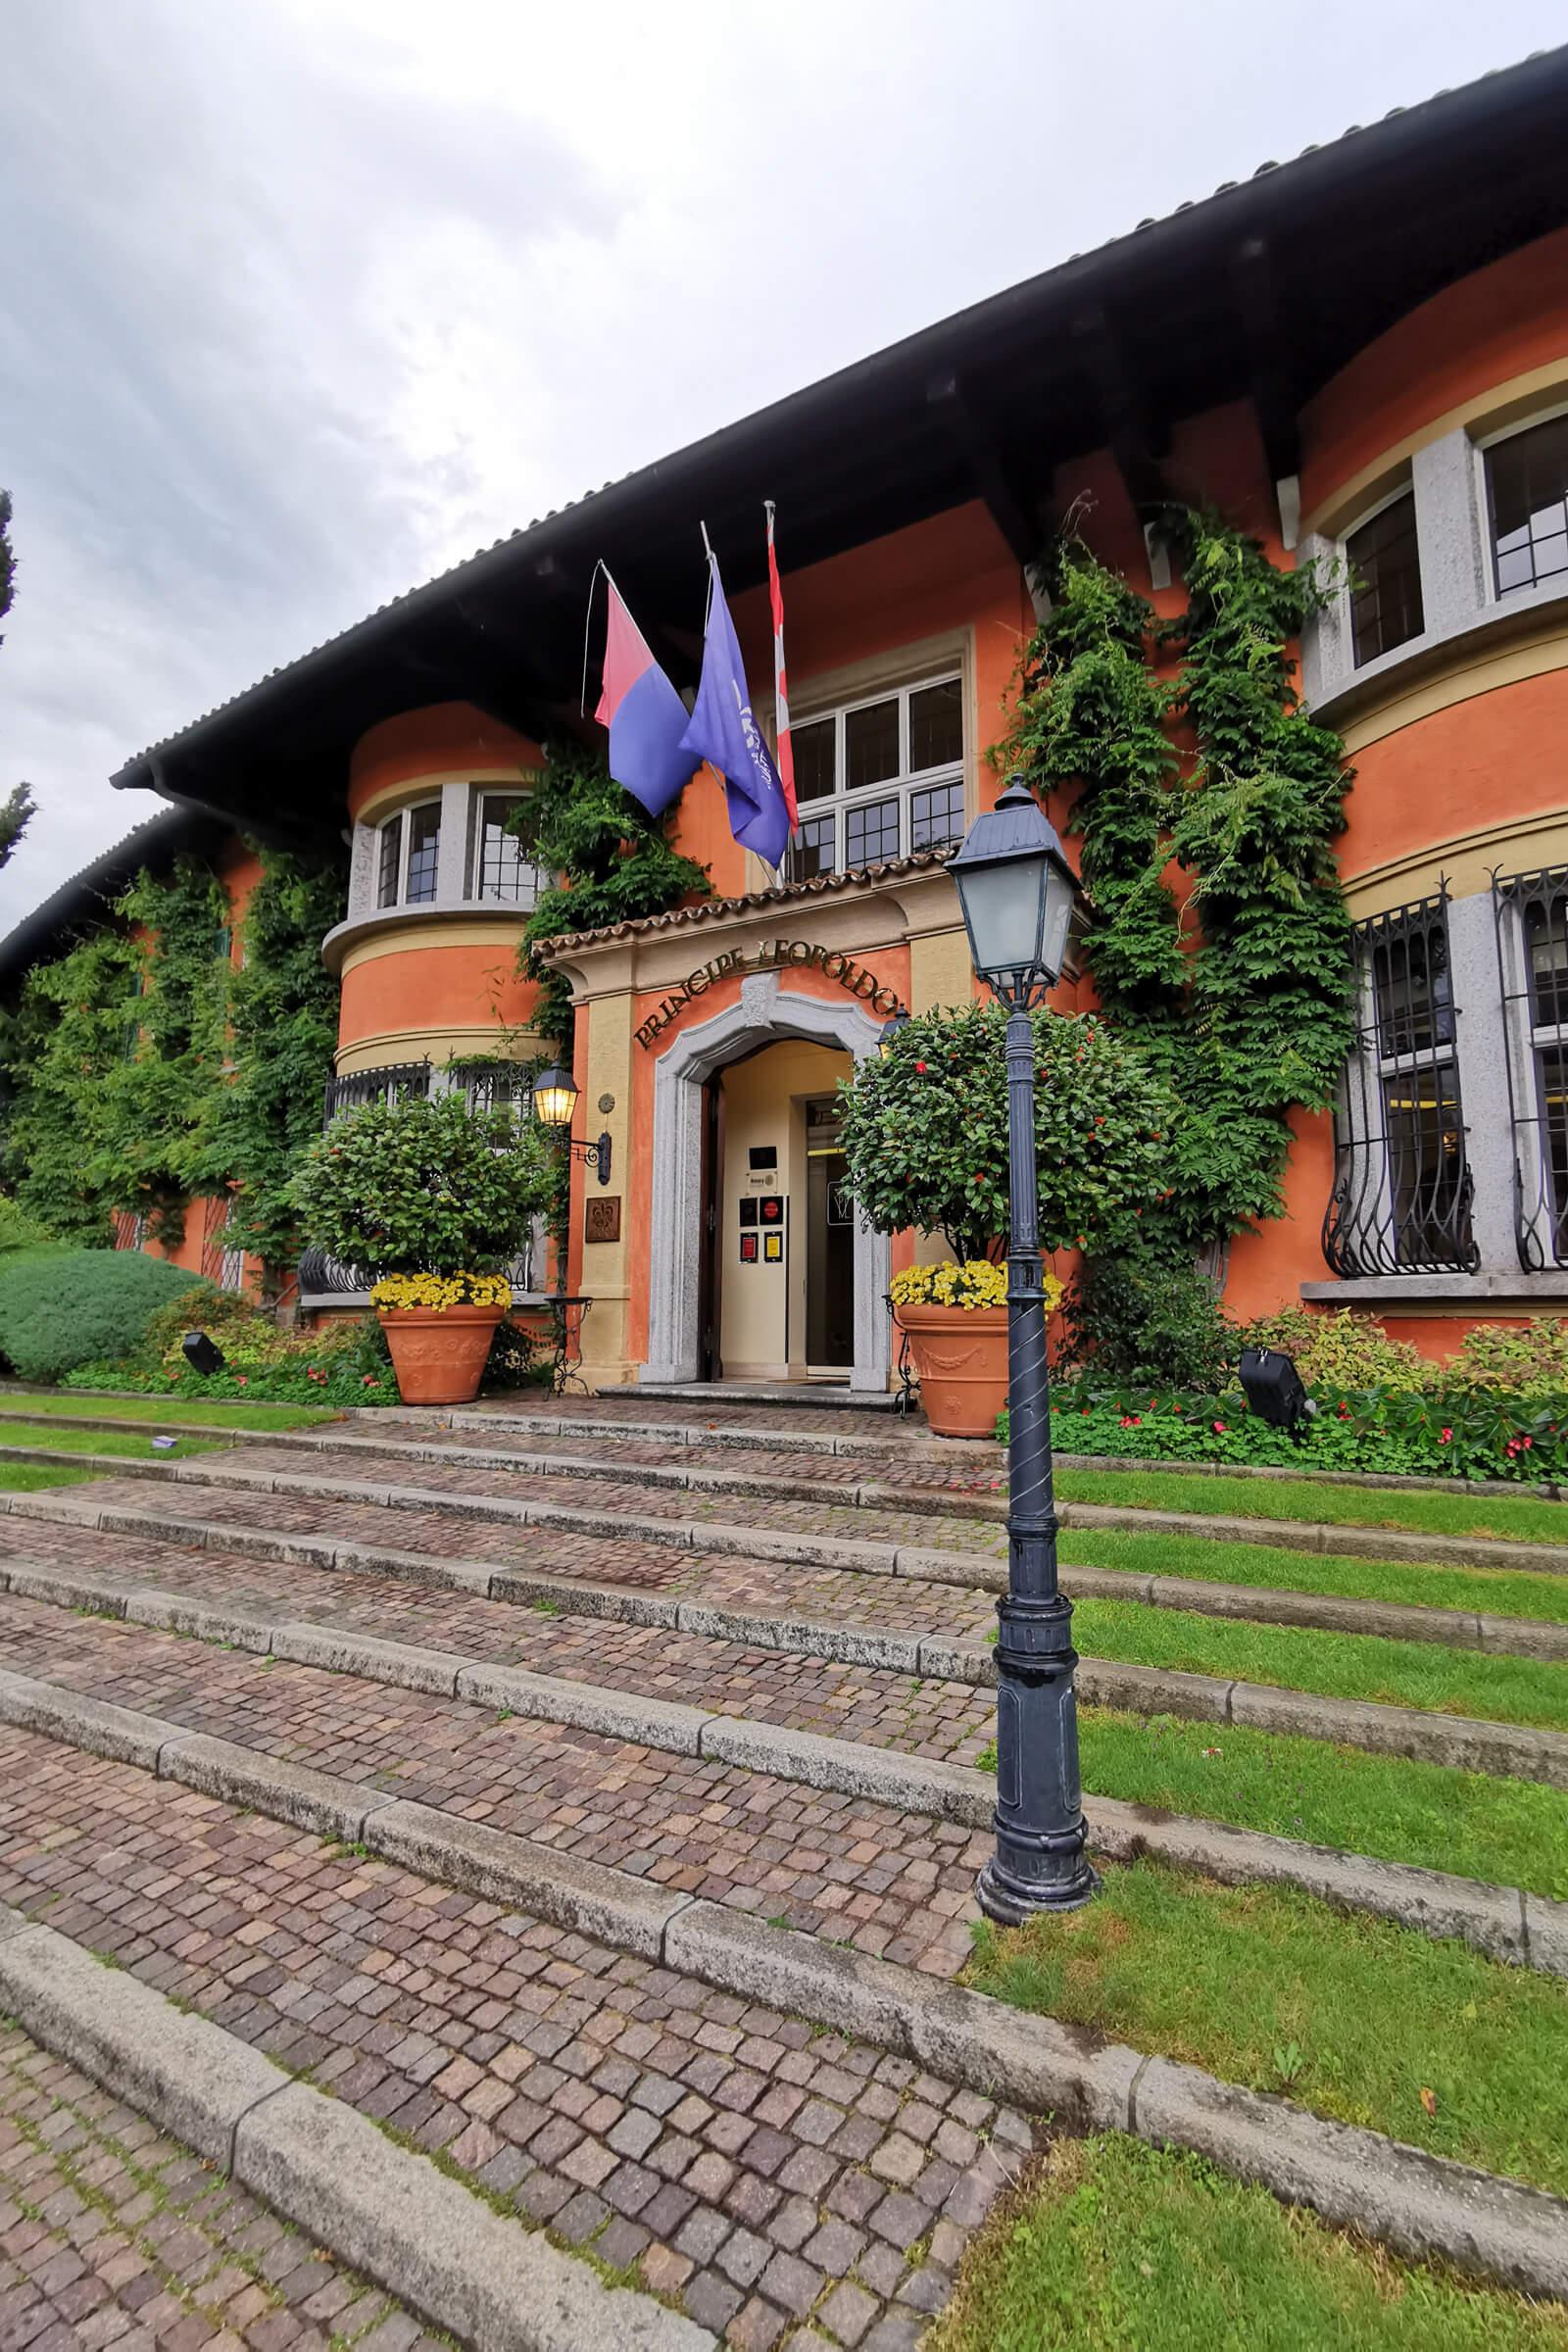 Hotel Villa Principe Leopoldo in Lugano, Switzerland